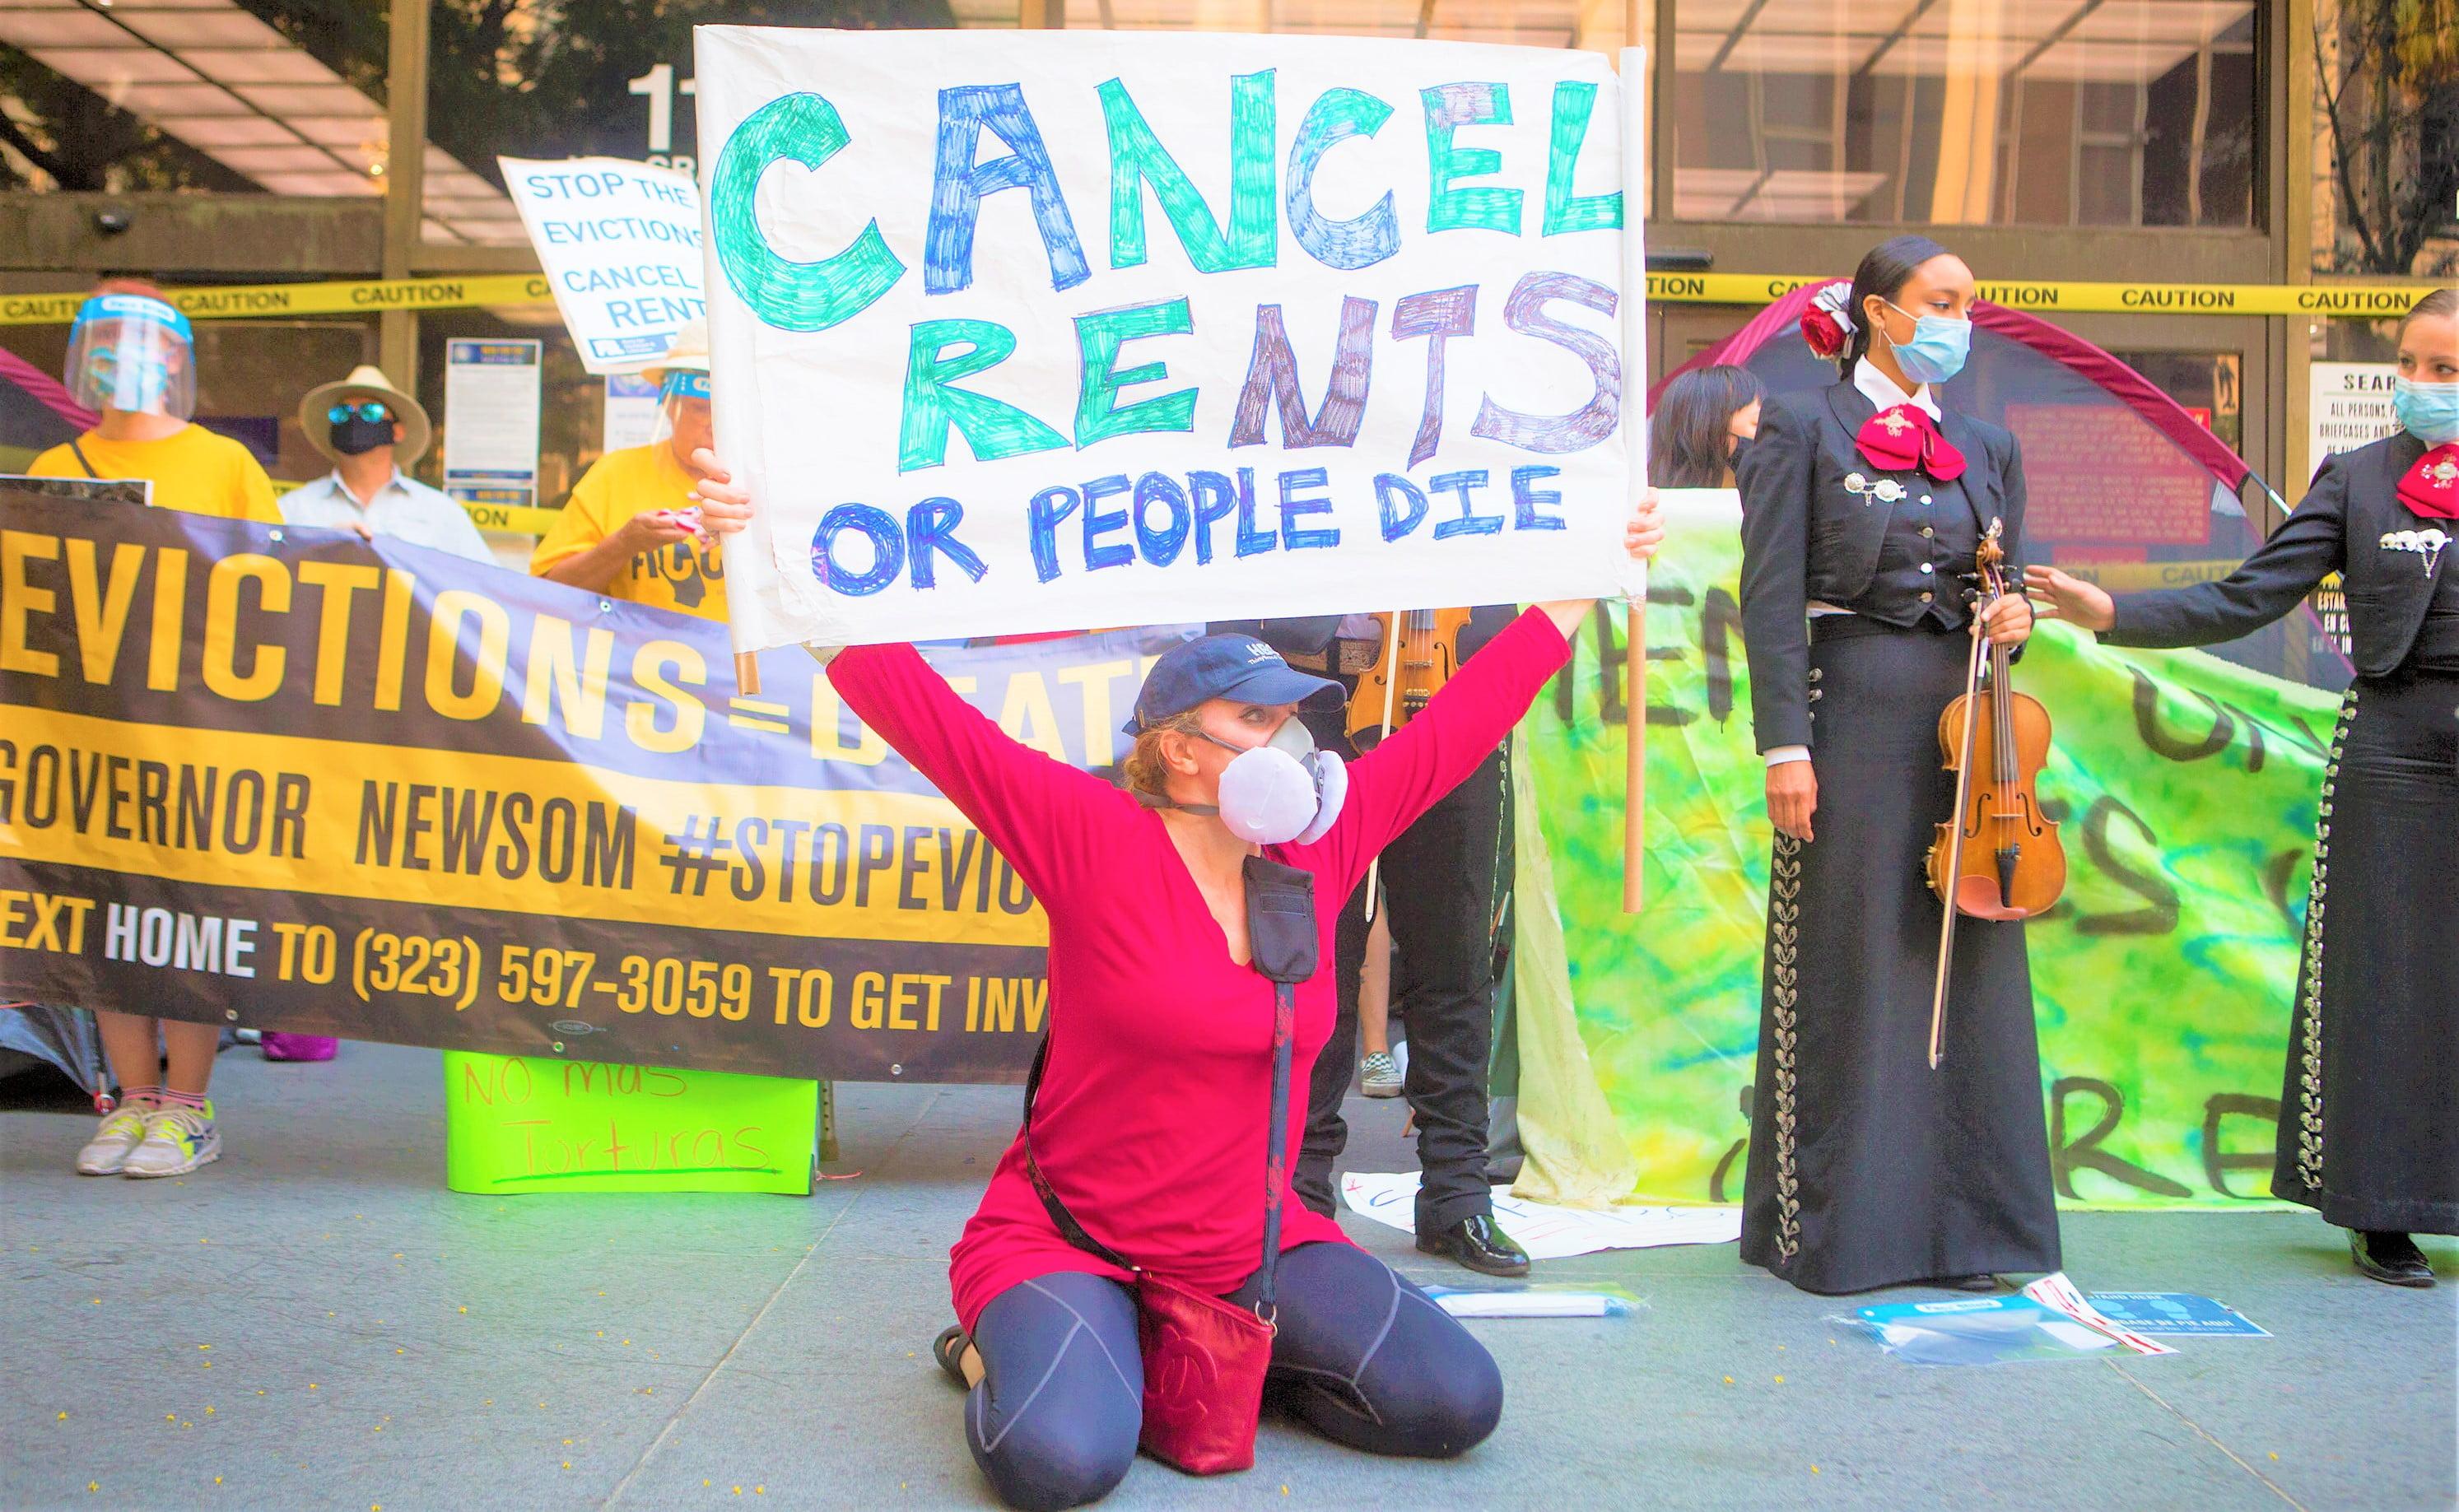 California: Người nợ tiền thuê nhà sắp tới có được hỗ trợ gì không?